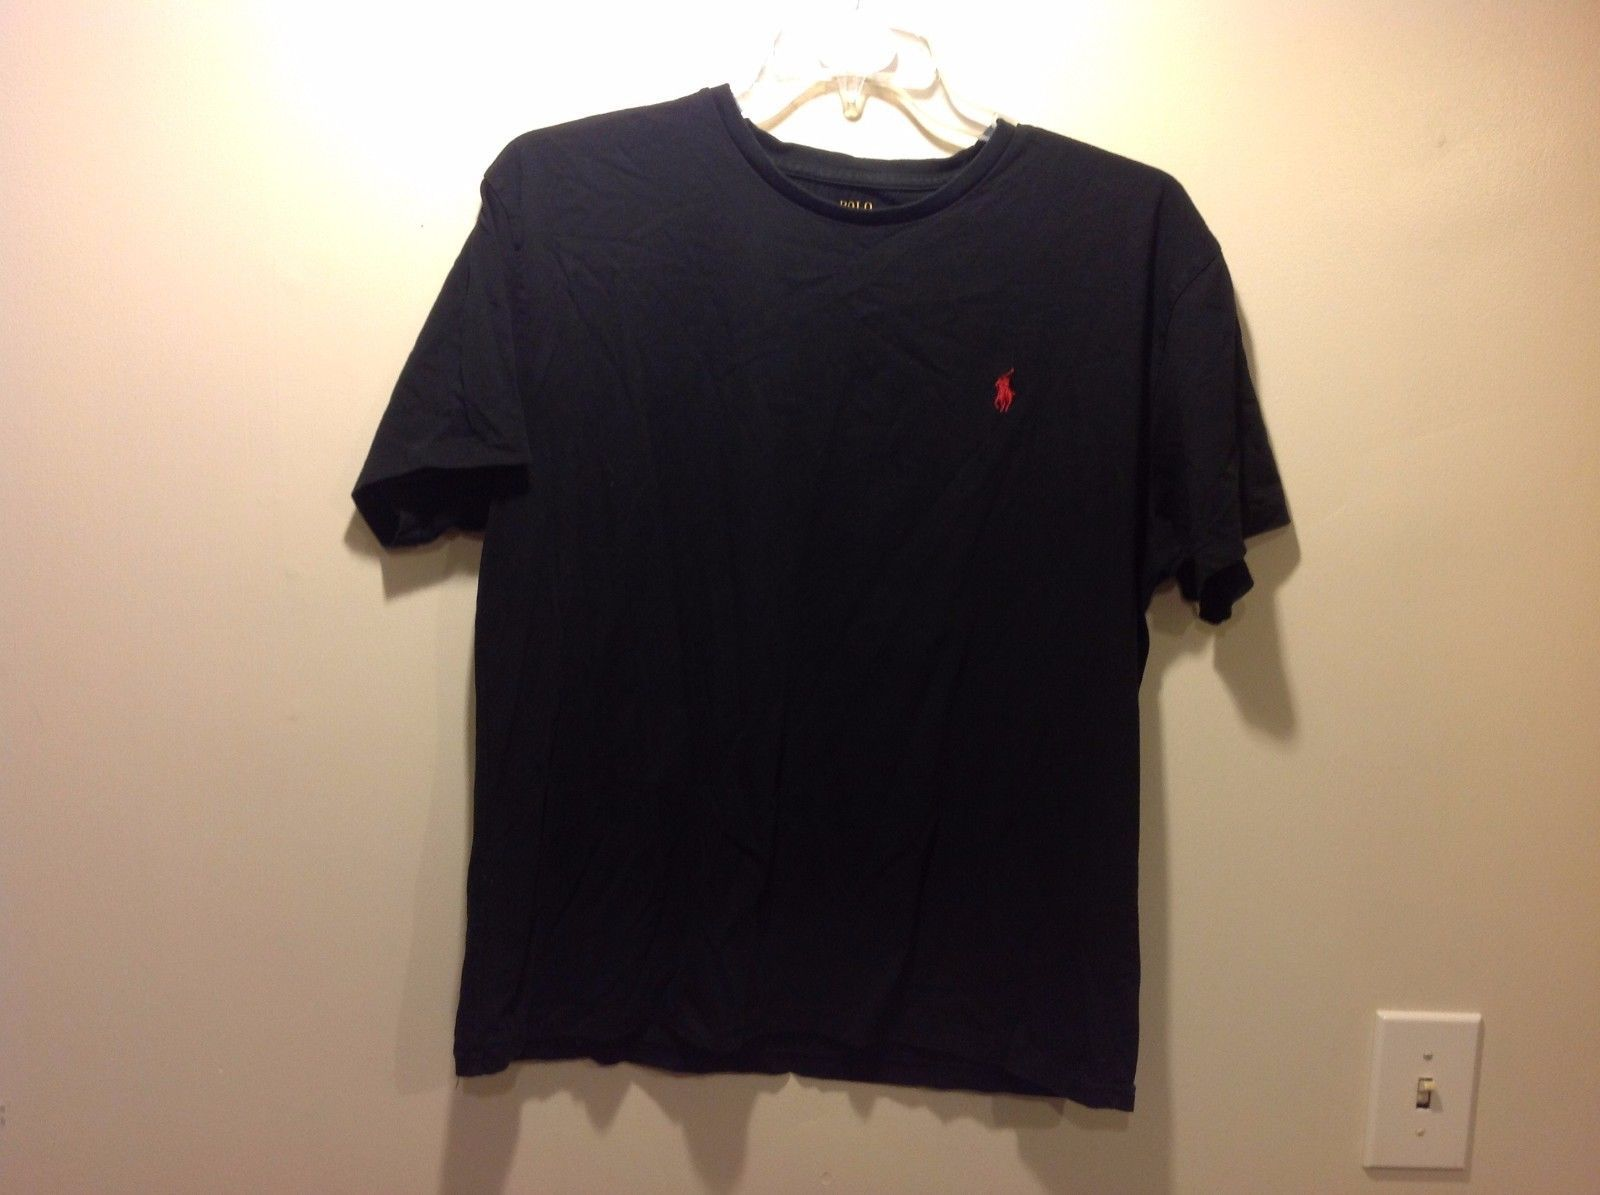 Polo by Ralph Lauren Black Short Sleeve Tee w Red Ralph Lauren Logo Sz L